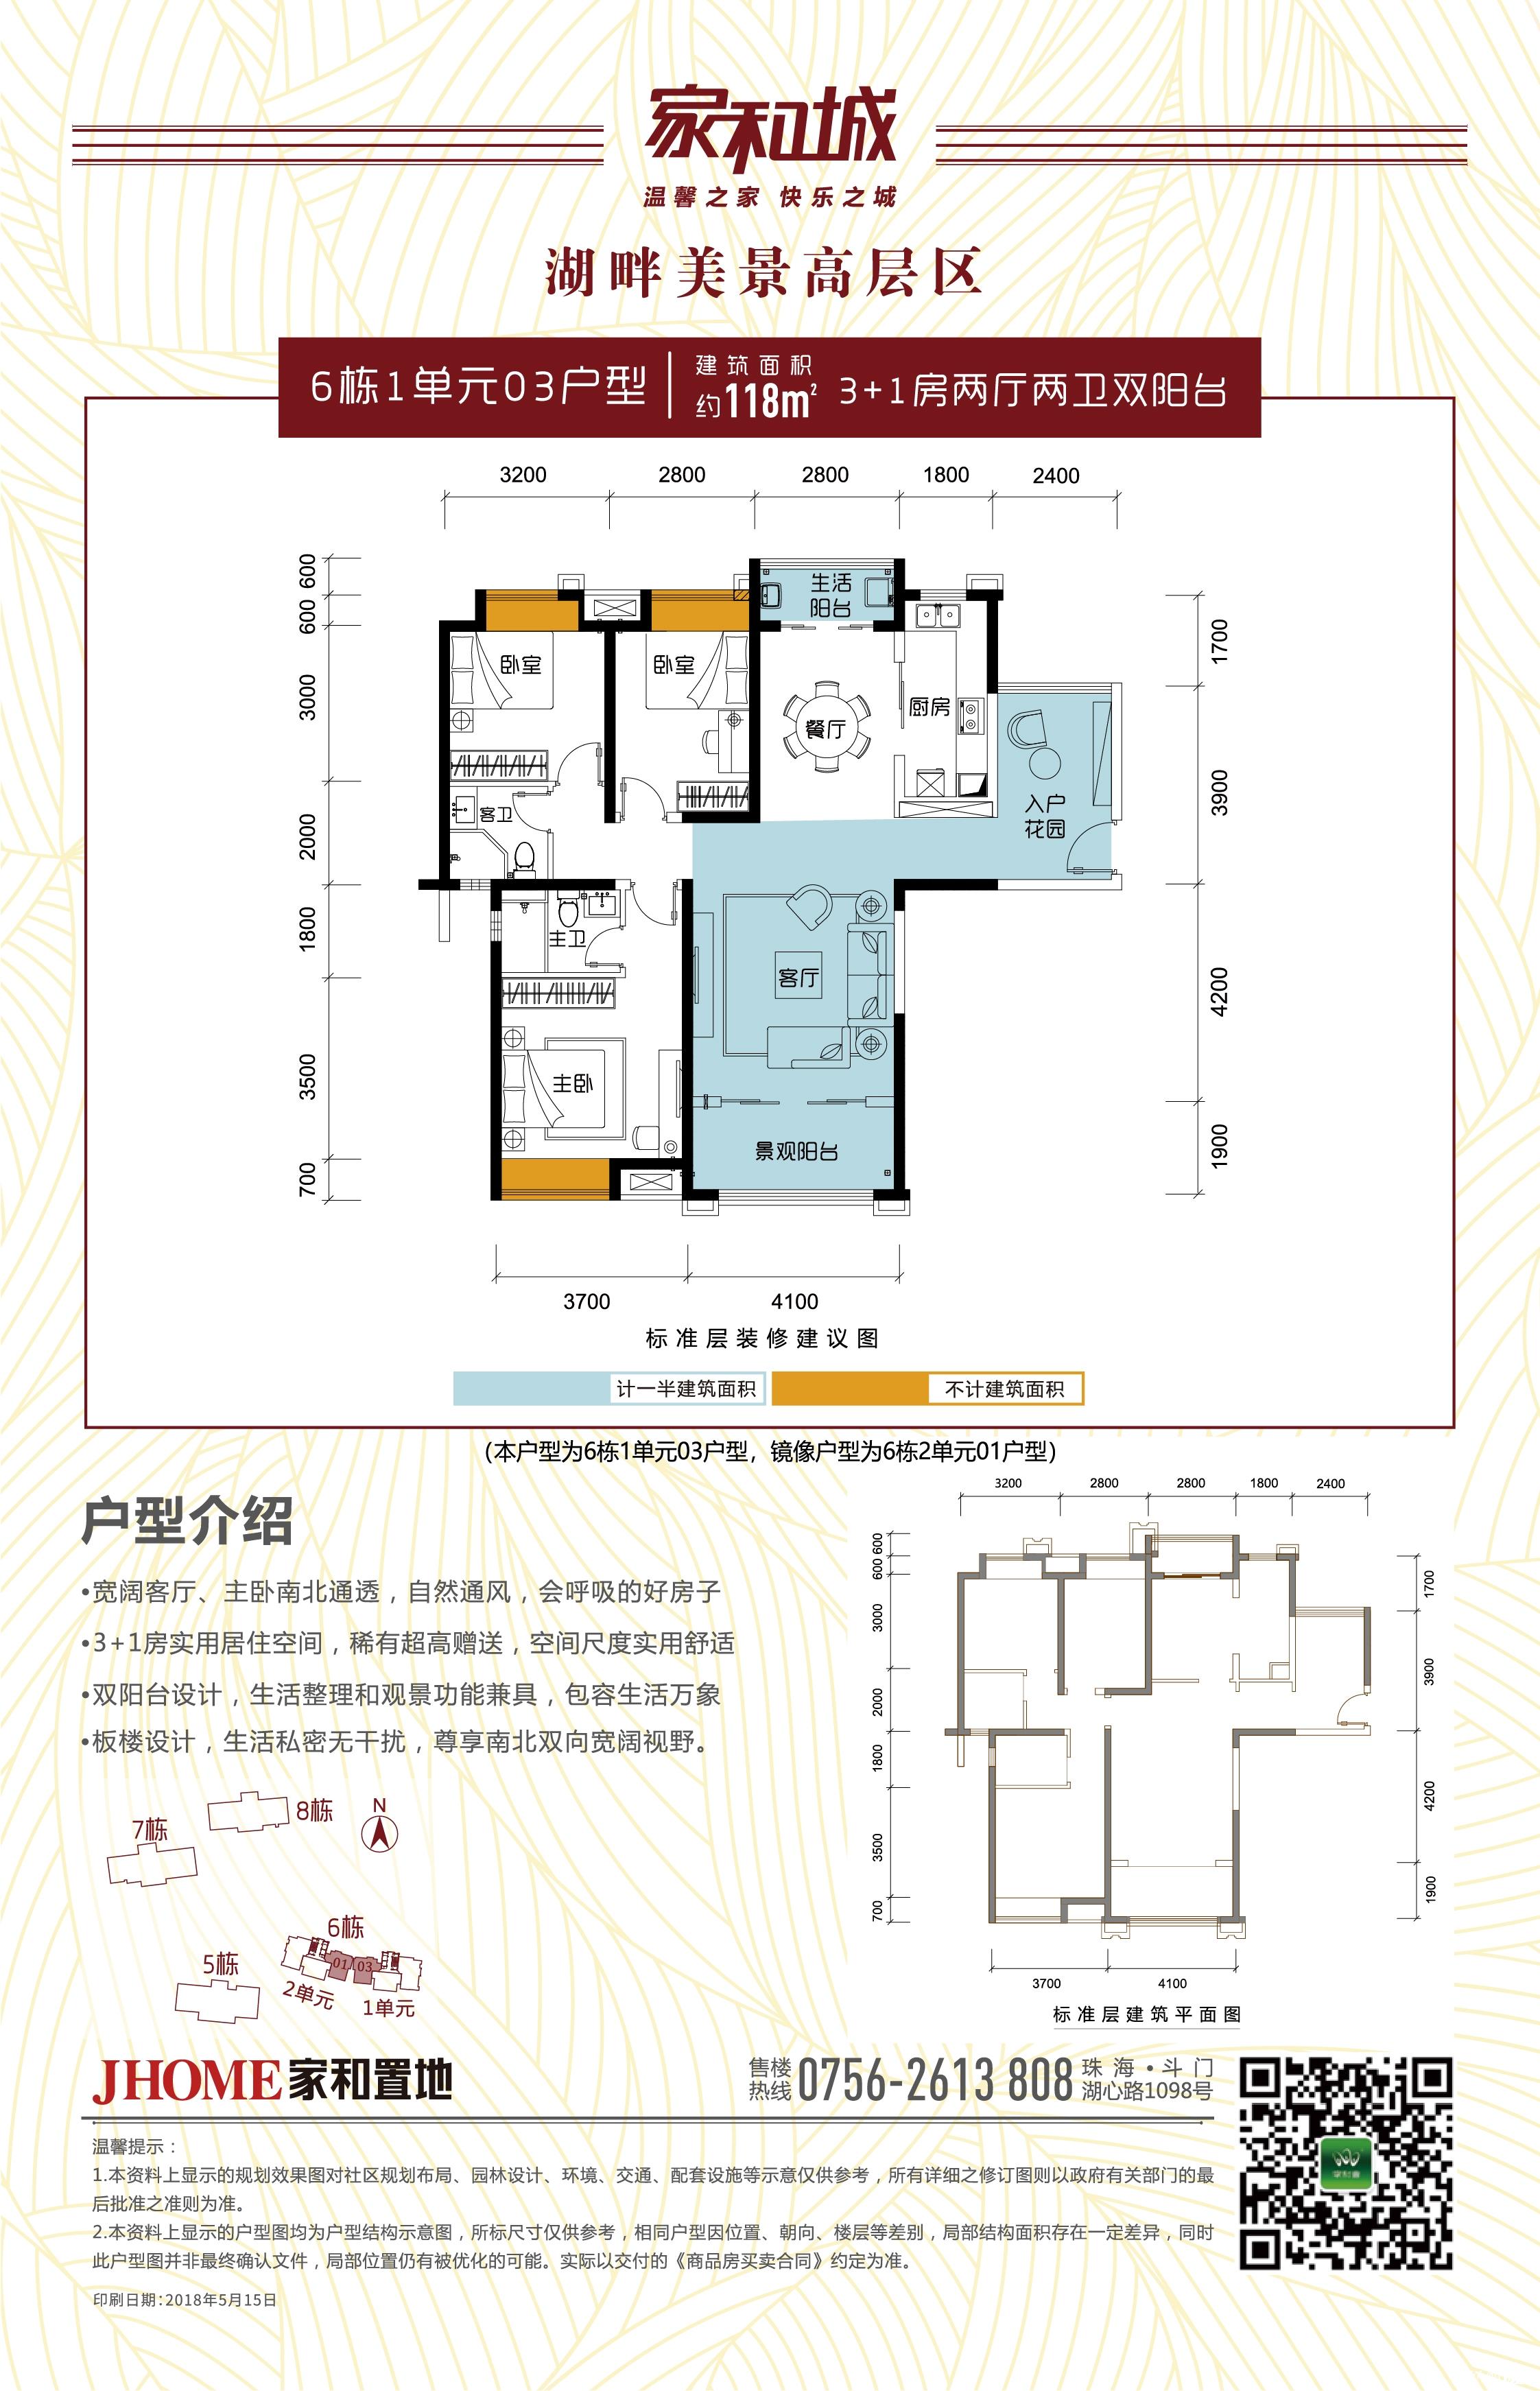 中山公园租房_家和城-楼盘详情-珠海凤凰网房产